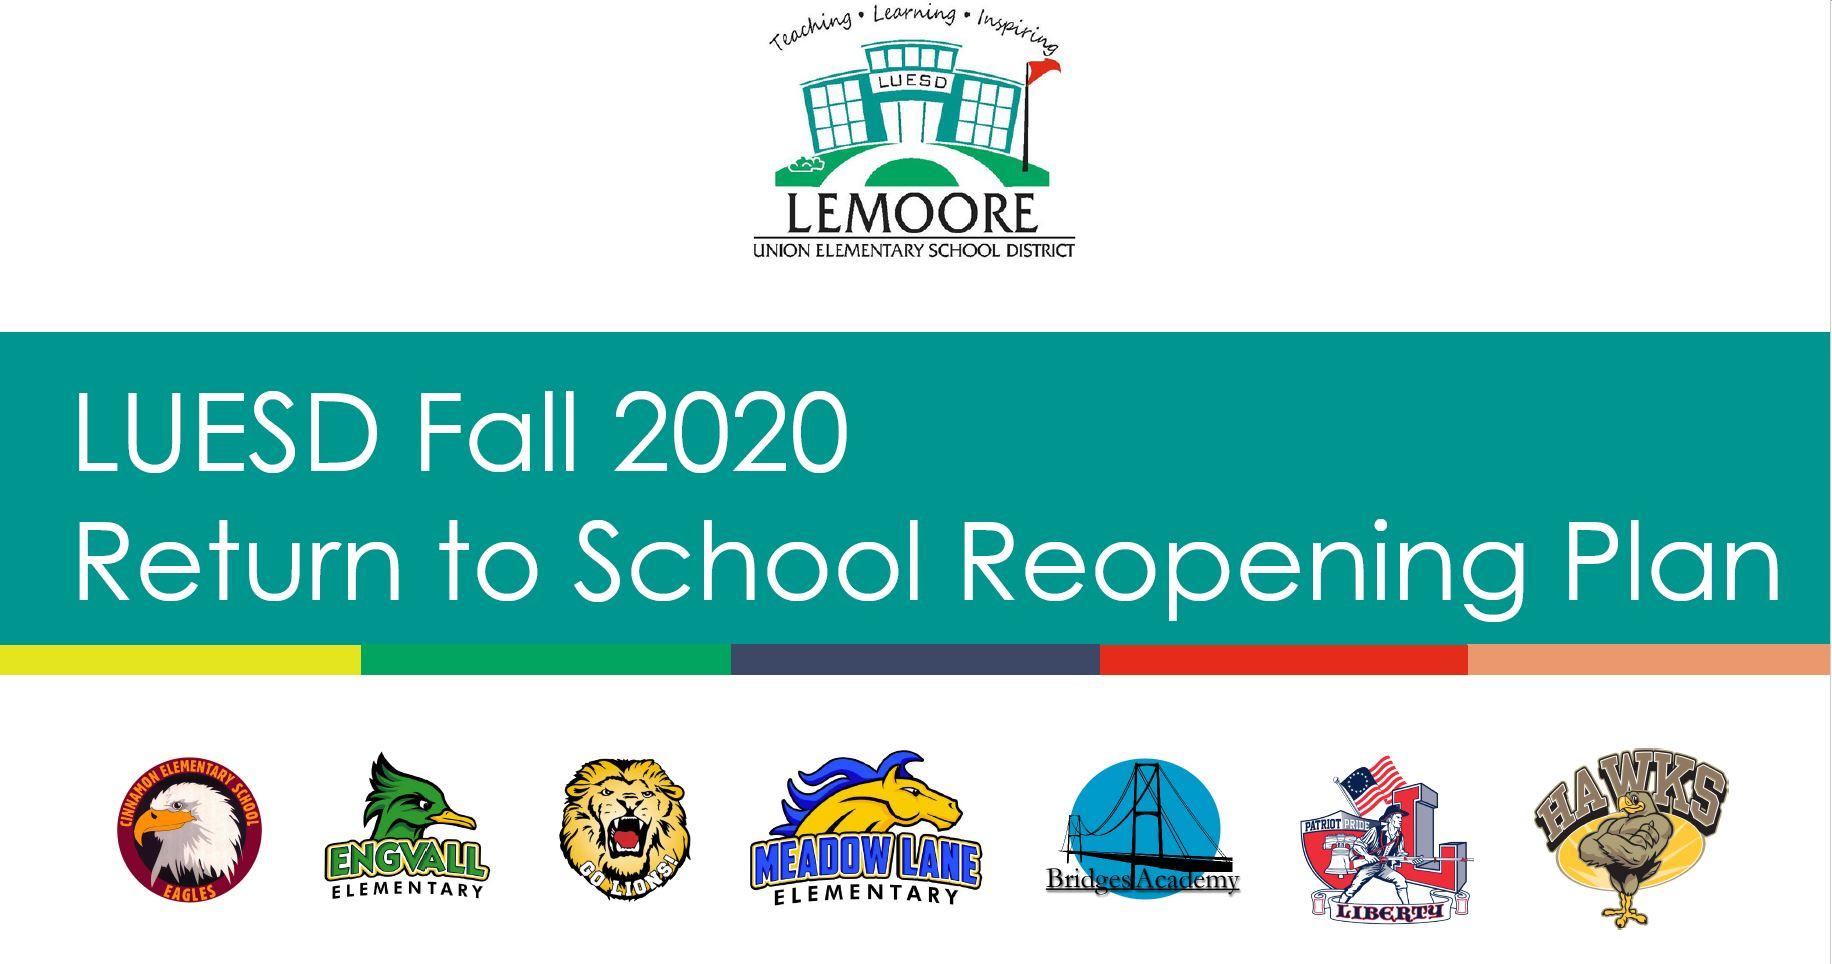 LUESD Fall 2020